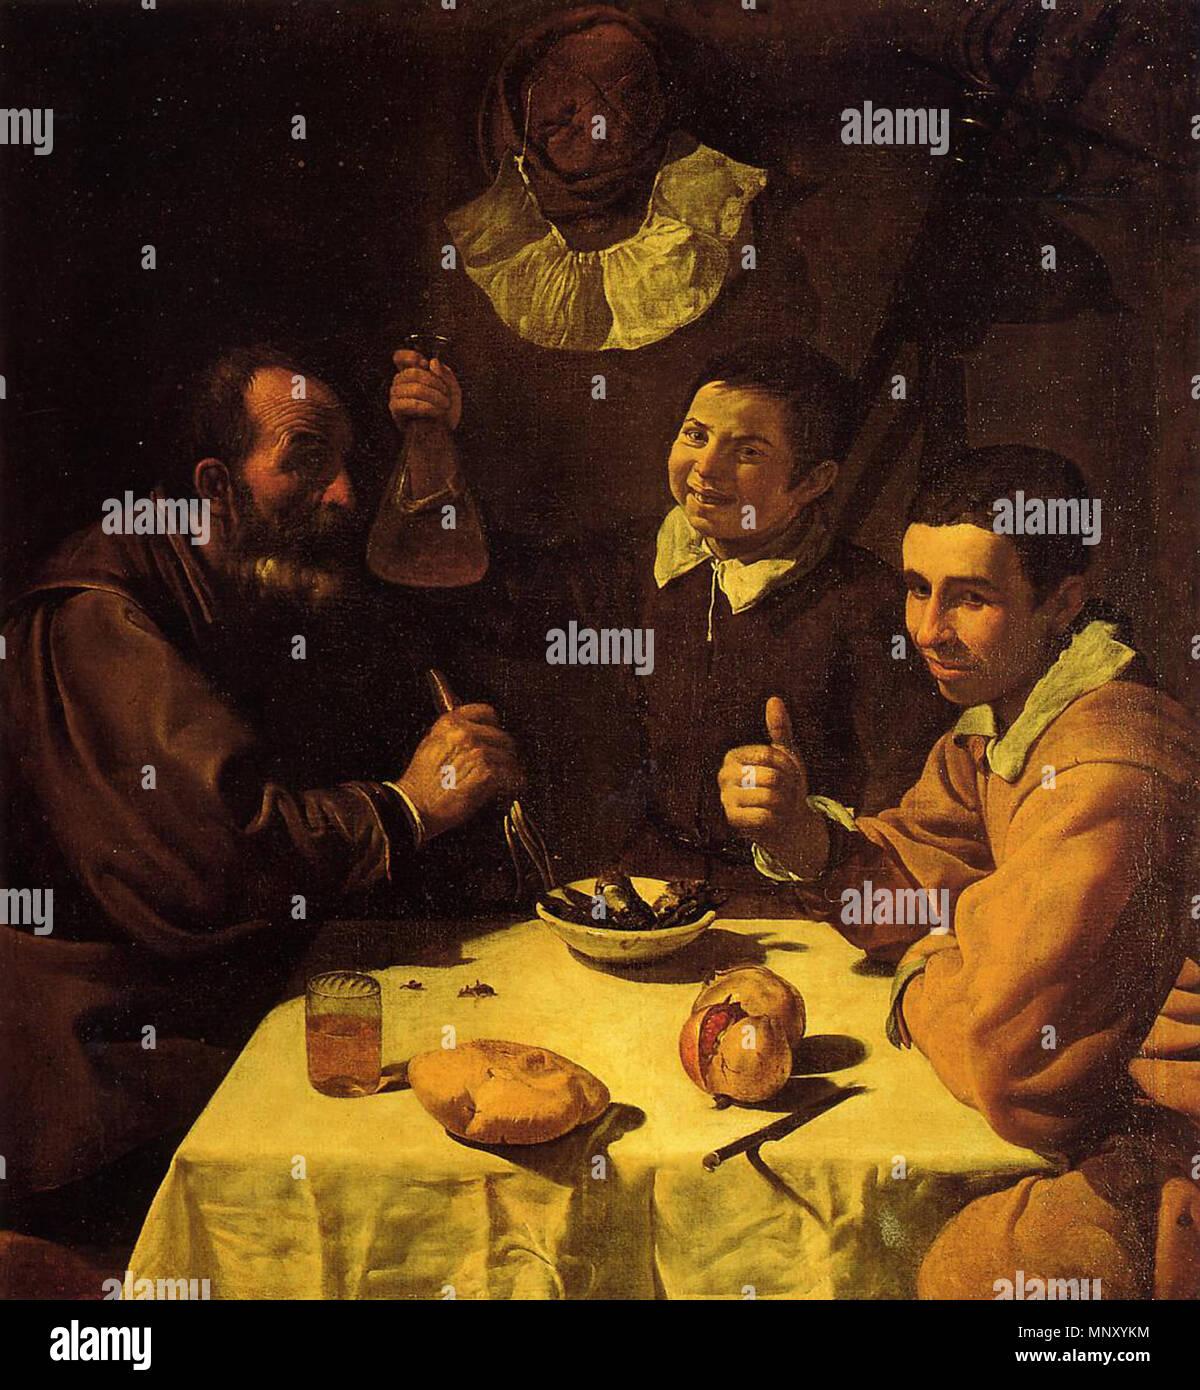 1204 Tres hombres sentados a la mesa, by Diego Velázquez - Stock Image